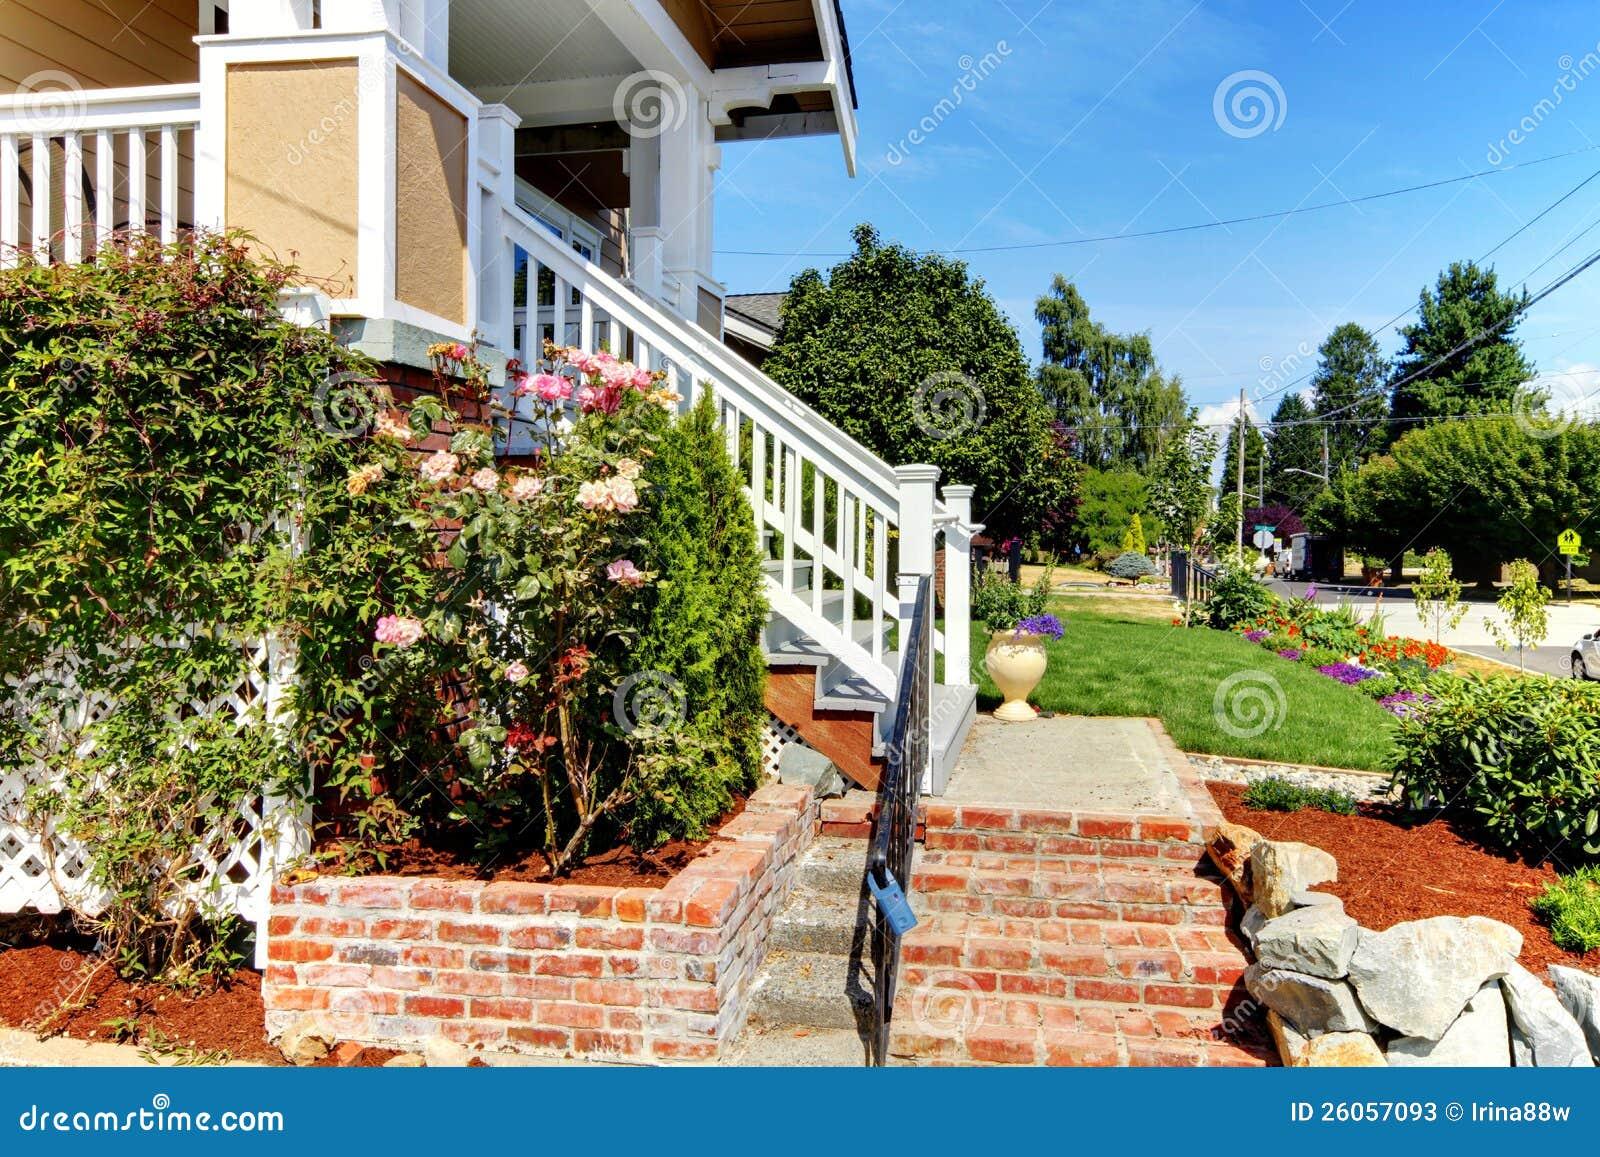 Escaleras de la entrada de la casa del ladrillo imagen de for Escaleras entrada casa